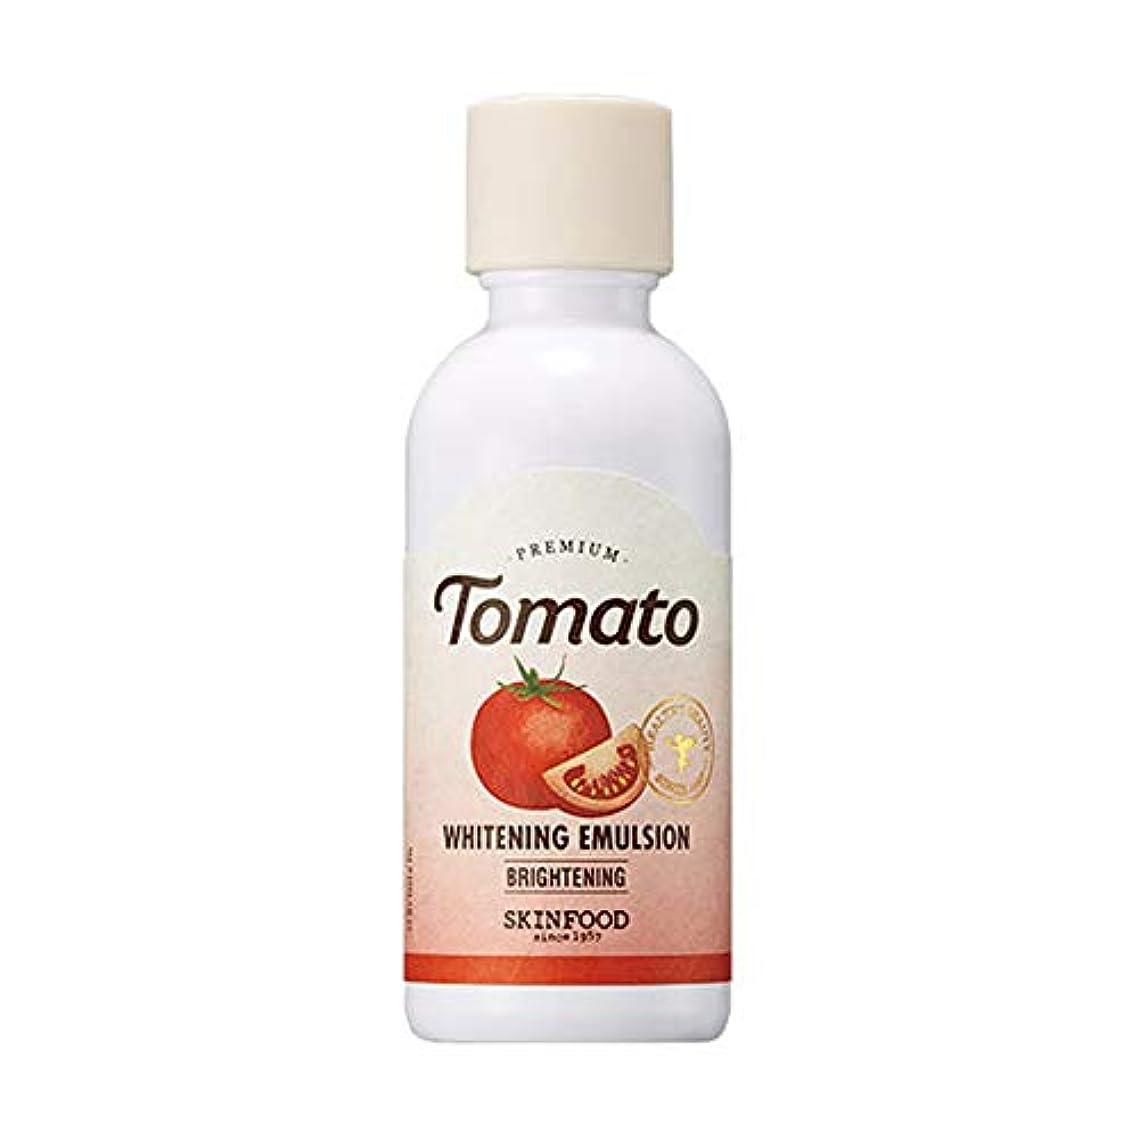 北米コショウ処理するSkinfood プレミアムトマトホワイトニングエマルジョン/Premium Tomato Whitening Emulsion 160ml [並行輸入品]